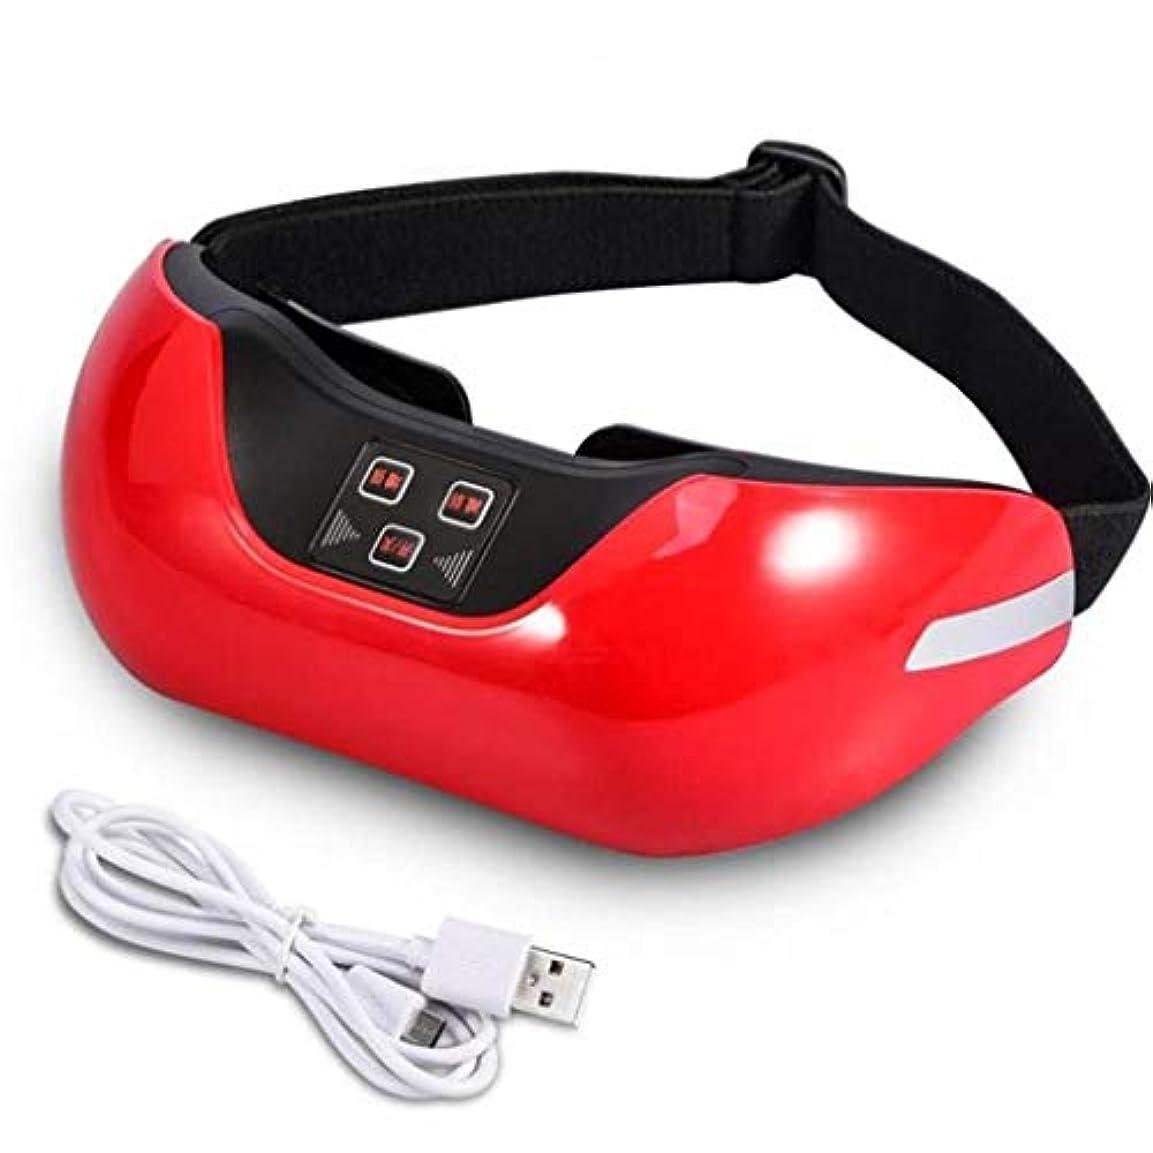 スポーツをするリー戦術アイマッサージャー、ワイヤレス3D充電式グリーンアイリカバリービジョン電動マッサージャー、修復ビジョンマッサージャー、アイケアツールは血液循環を促進し、疲労を和らげます (Color : Red)